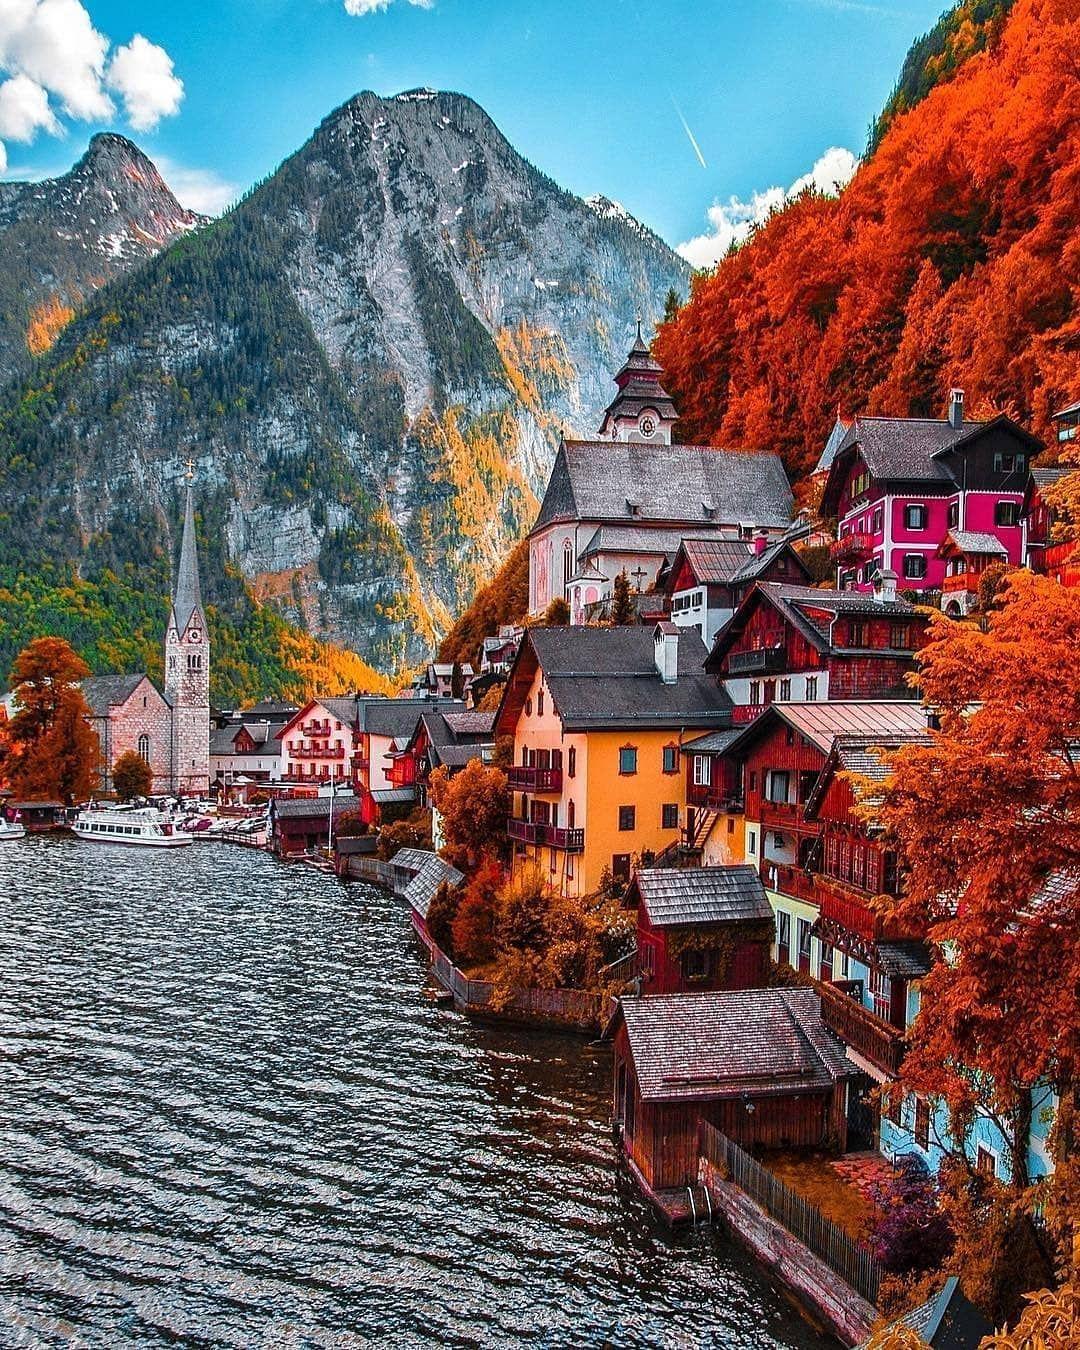 Das sind die besten Orte für einen Mädelsurlaub in Österreich - ichreise